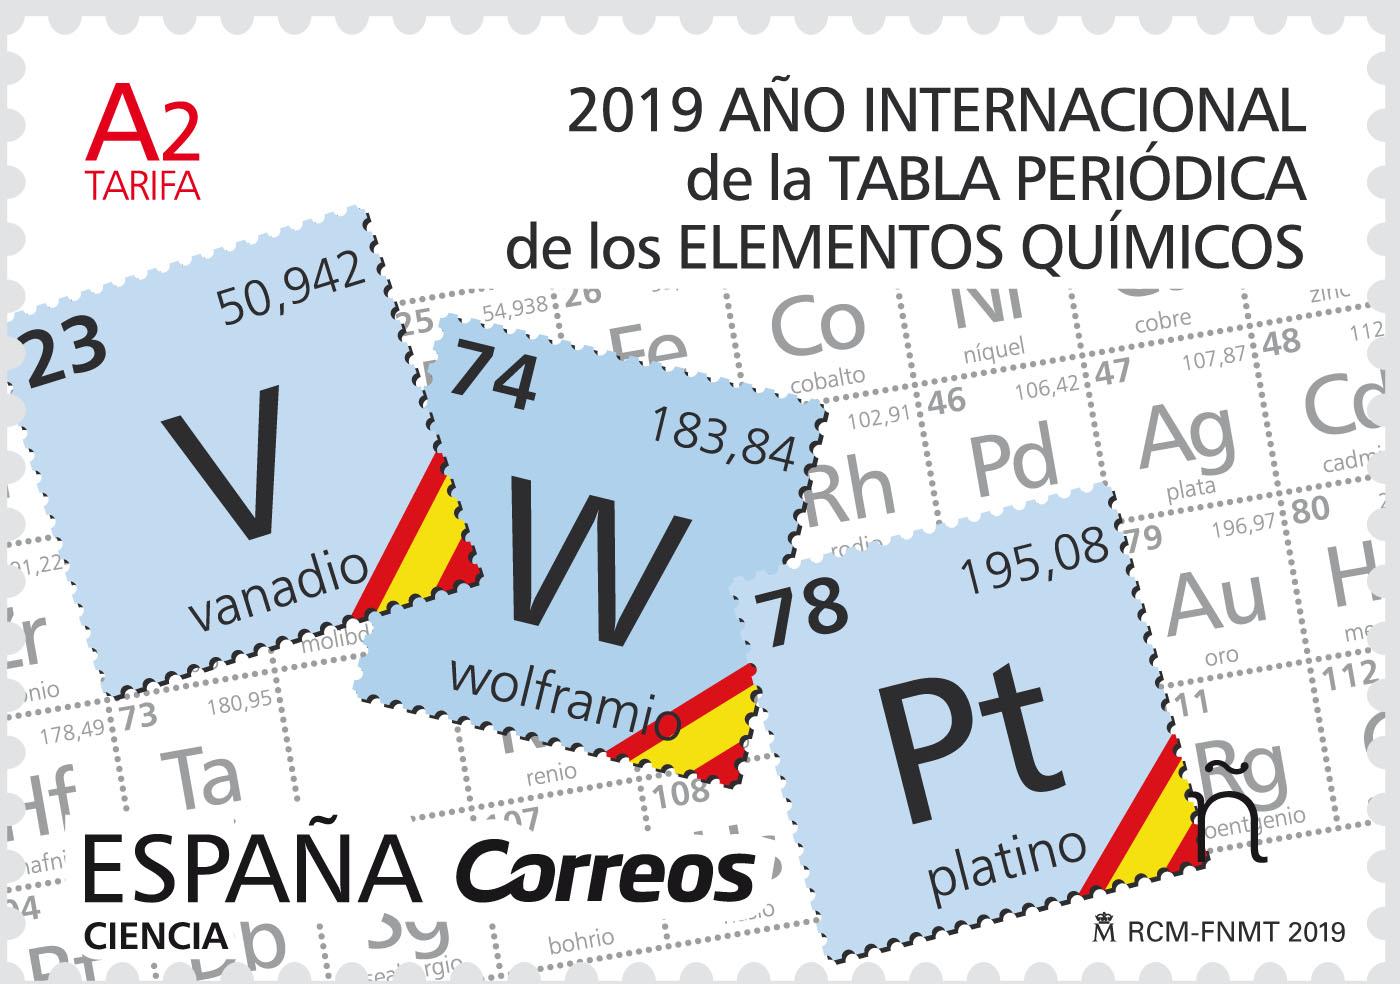 Año Internacional de la Tabla Periódica de los Elementos Químicos (Ciencia)